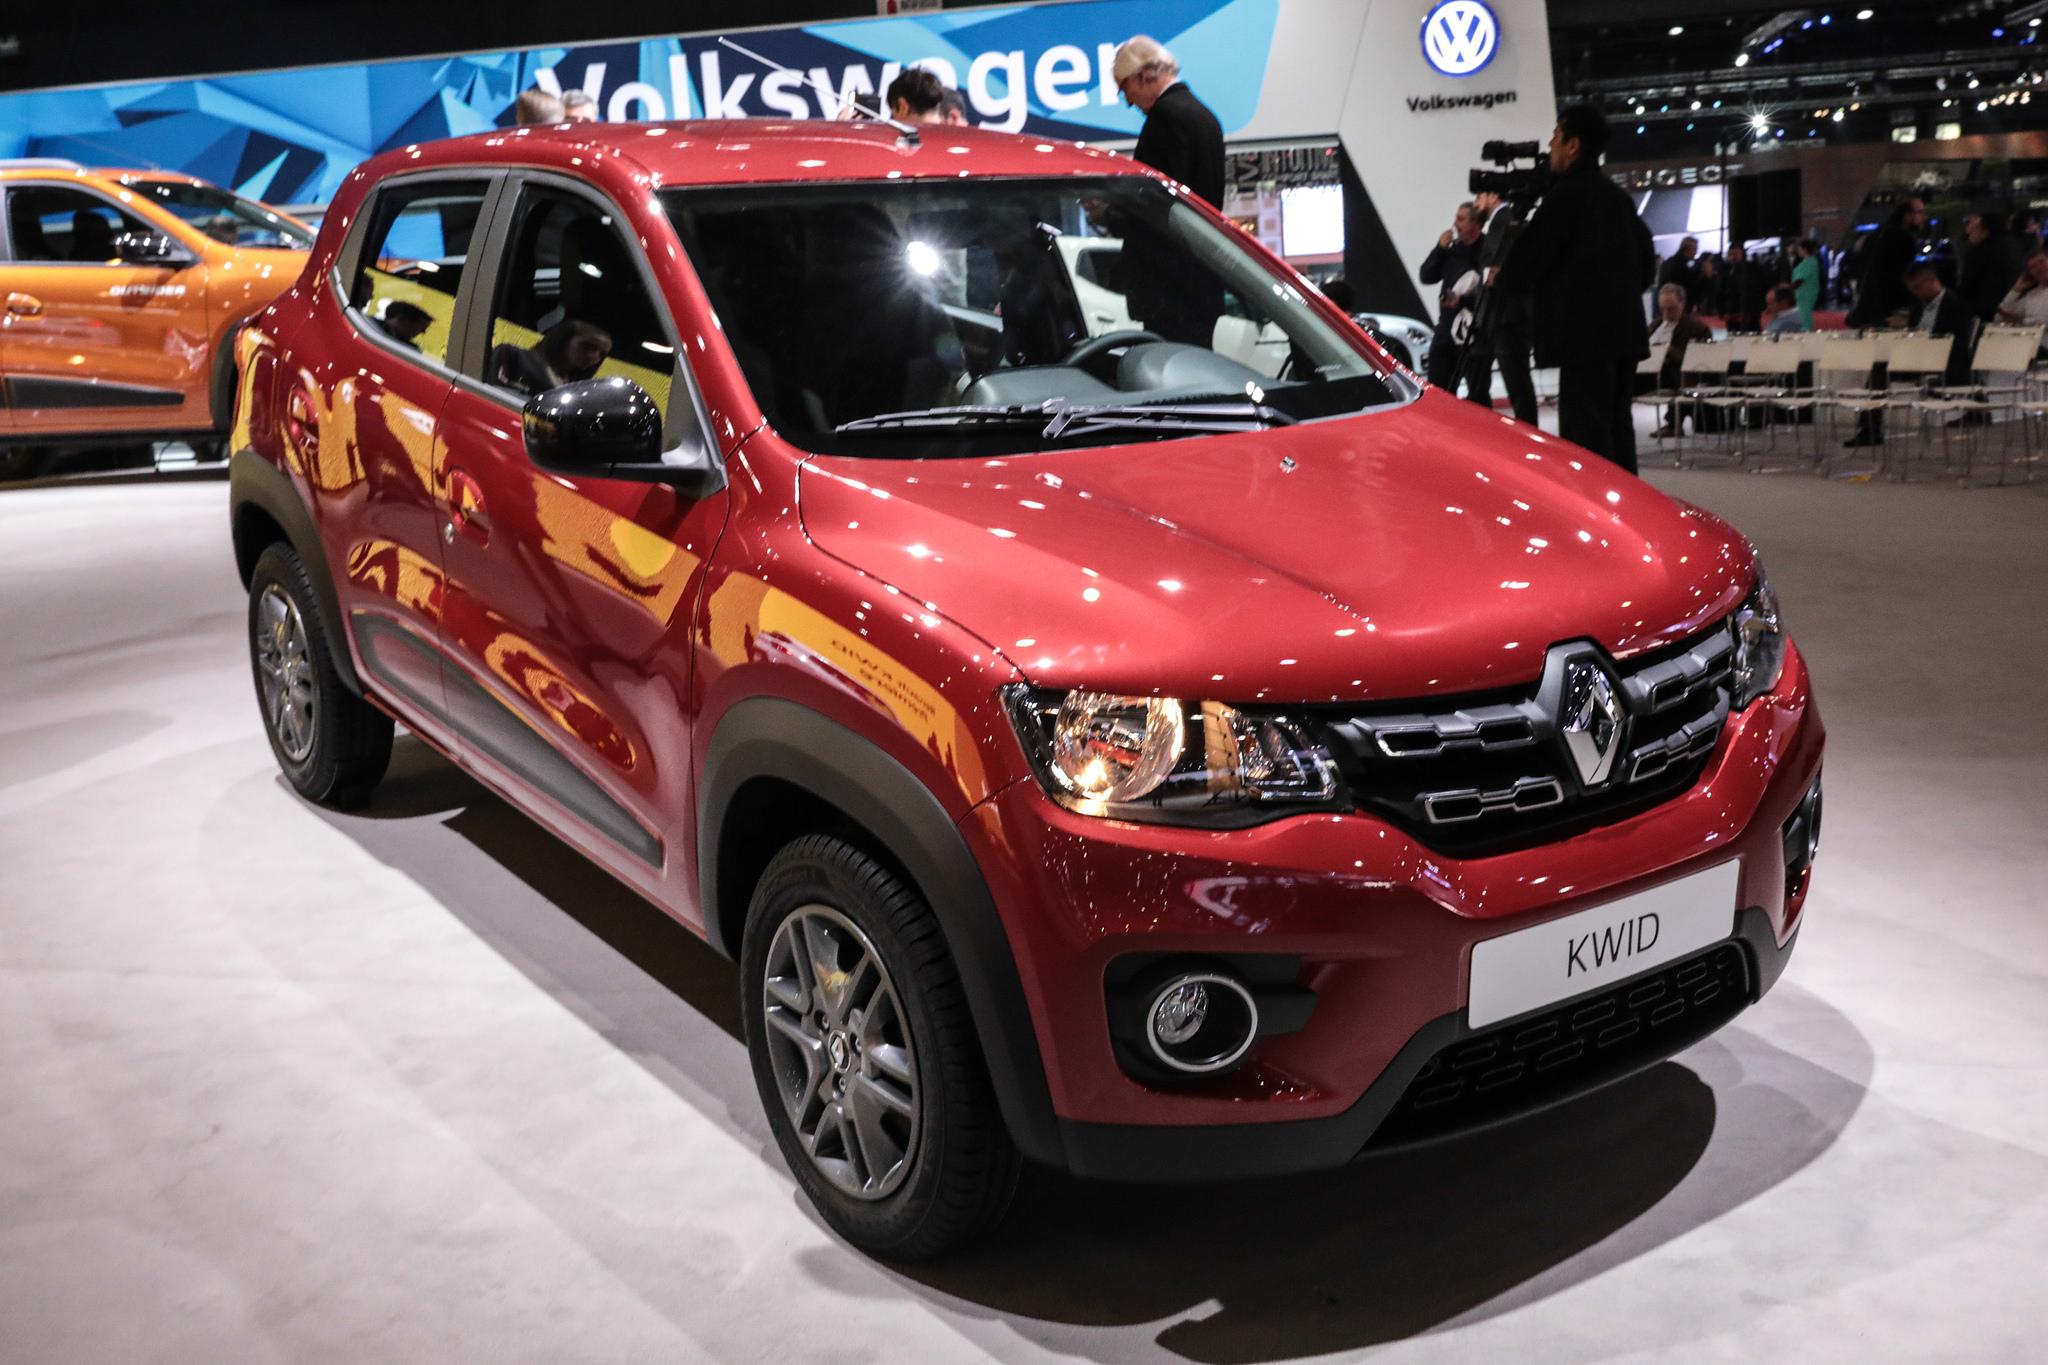 Renault Kwid sacode o mercado com preços competitivos e lista completa de equipamentos